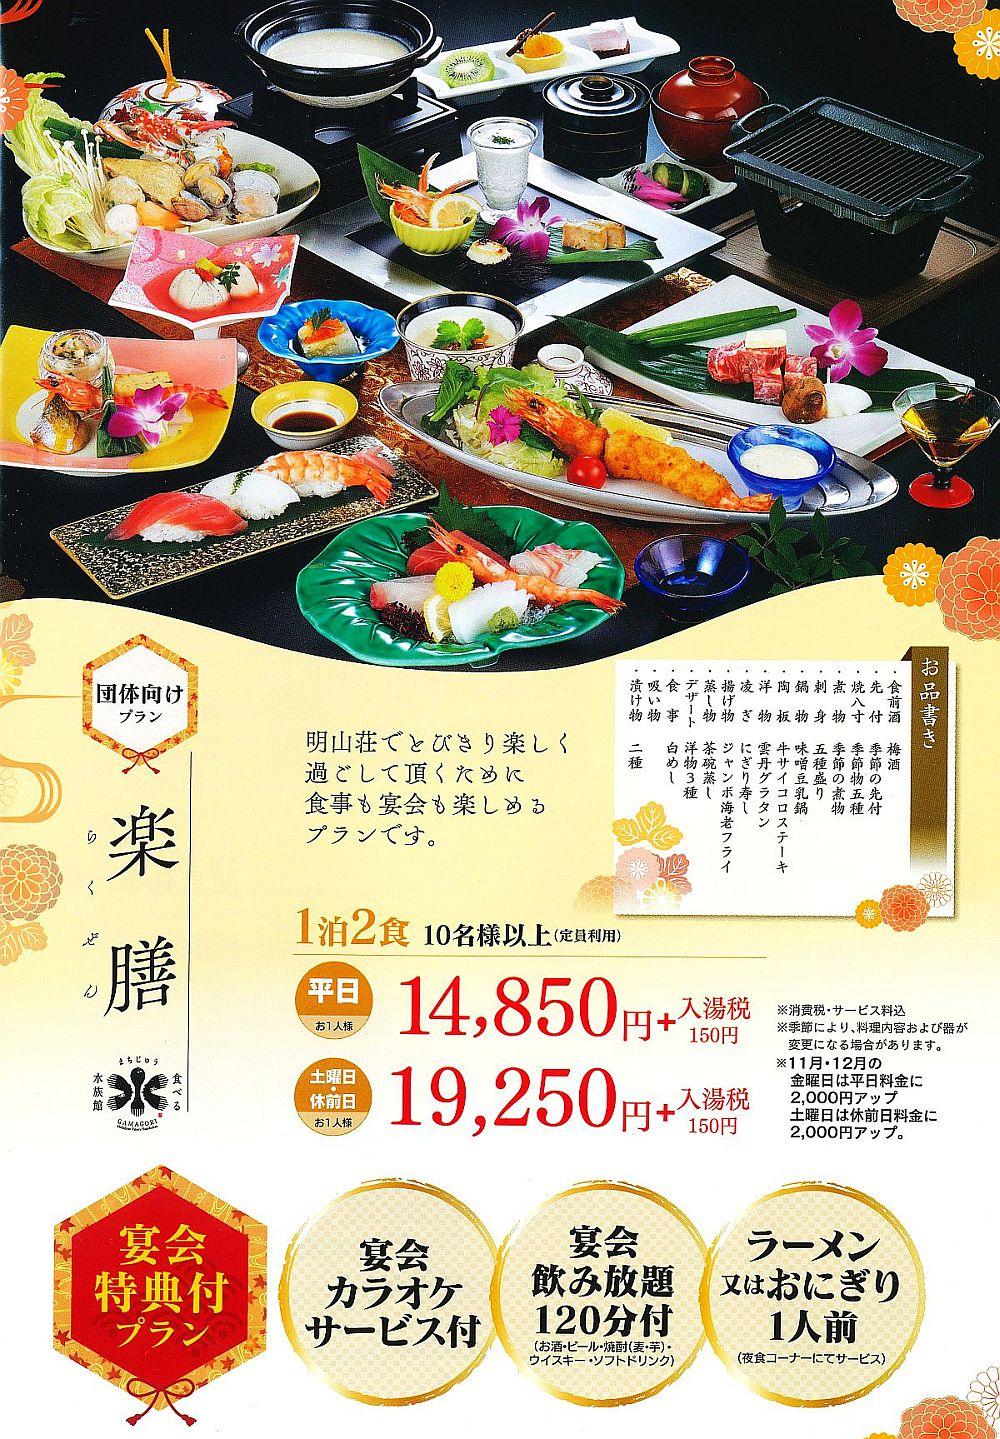 【宴会特典付き♪】団体向けプラン「楽膳」